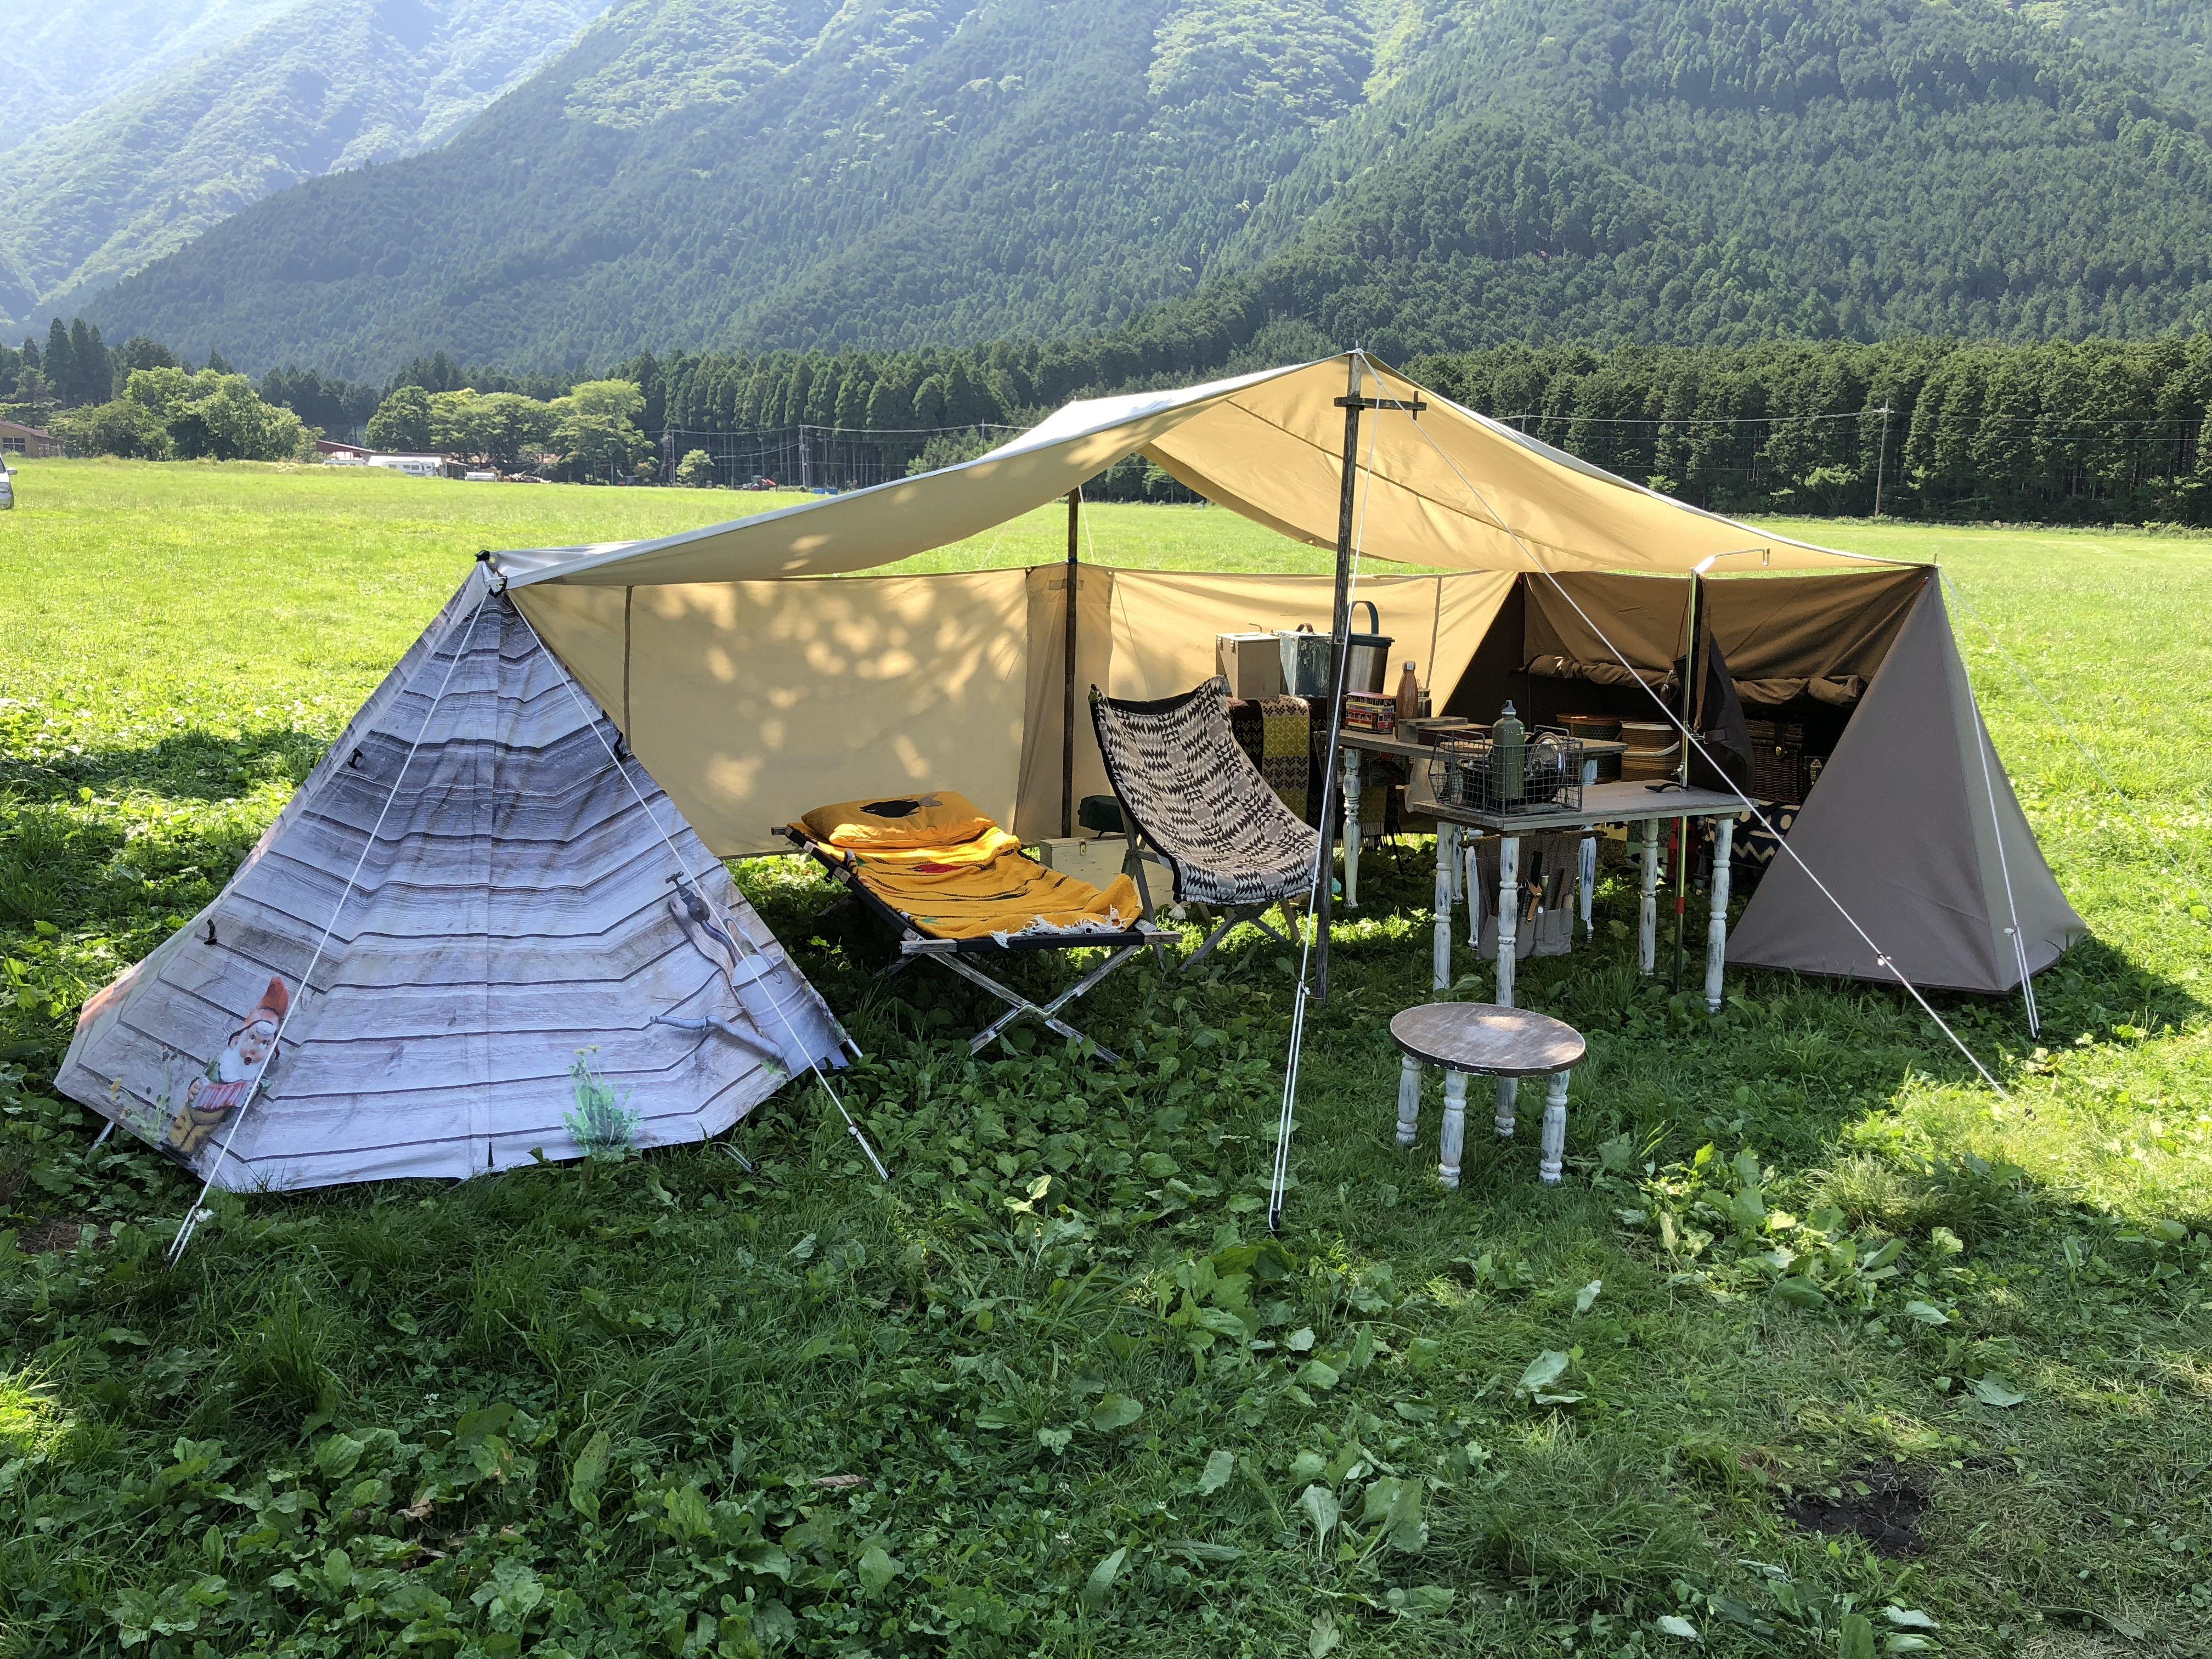 自作テーブル タープ等 Camping Style Camping Survival Tent